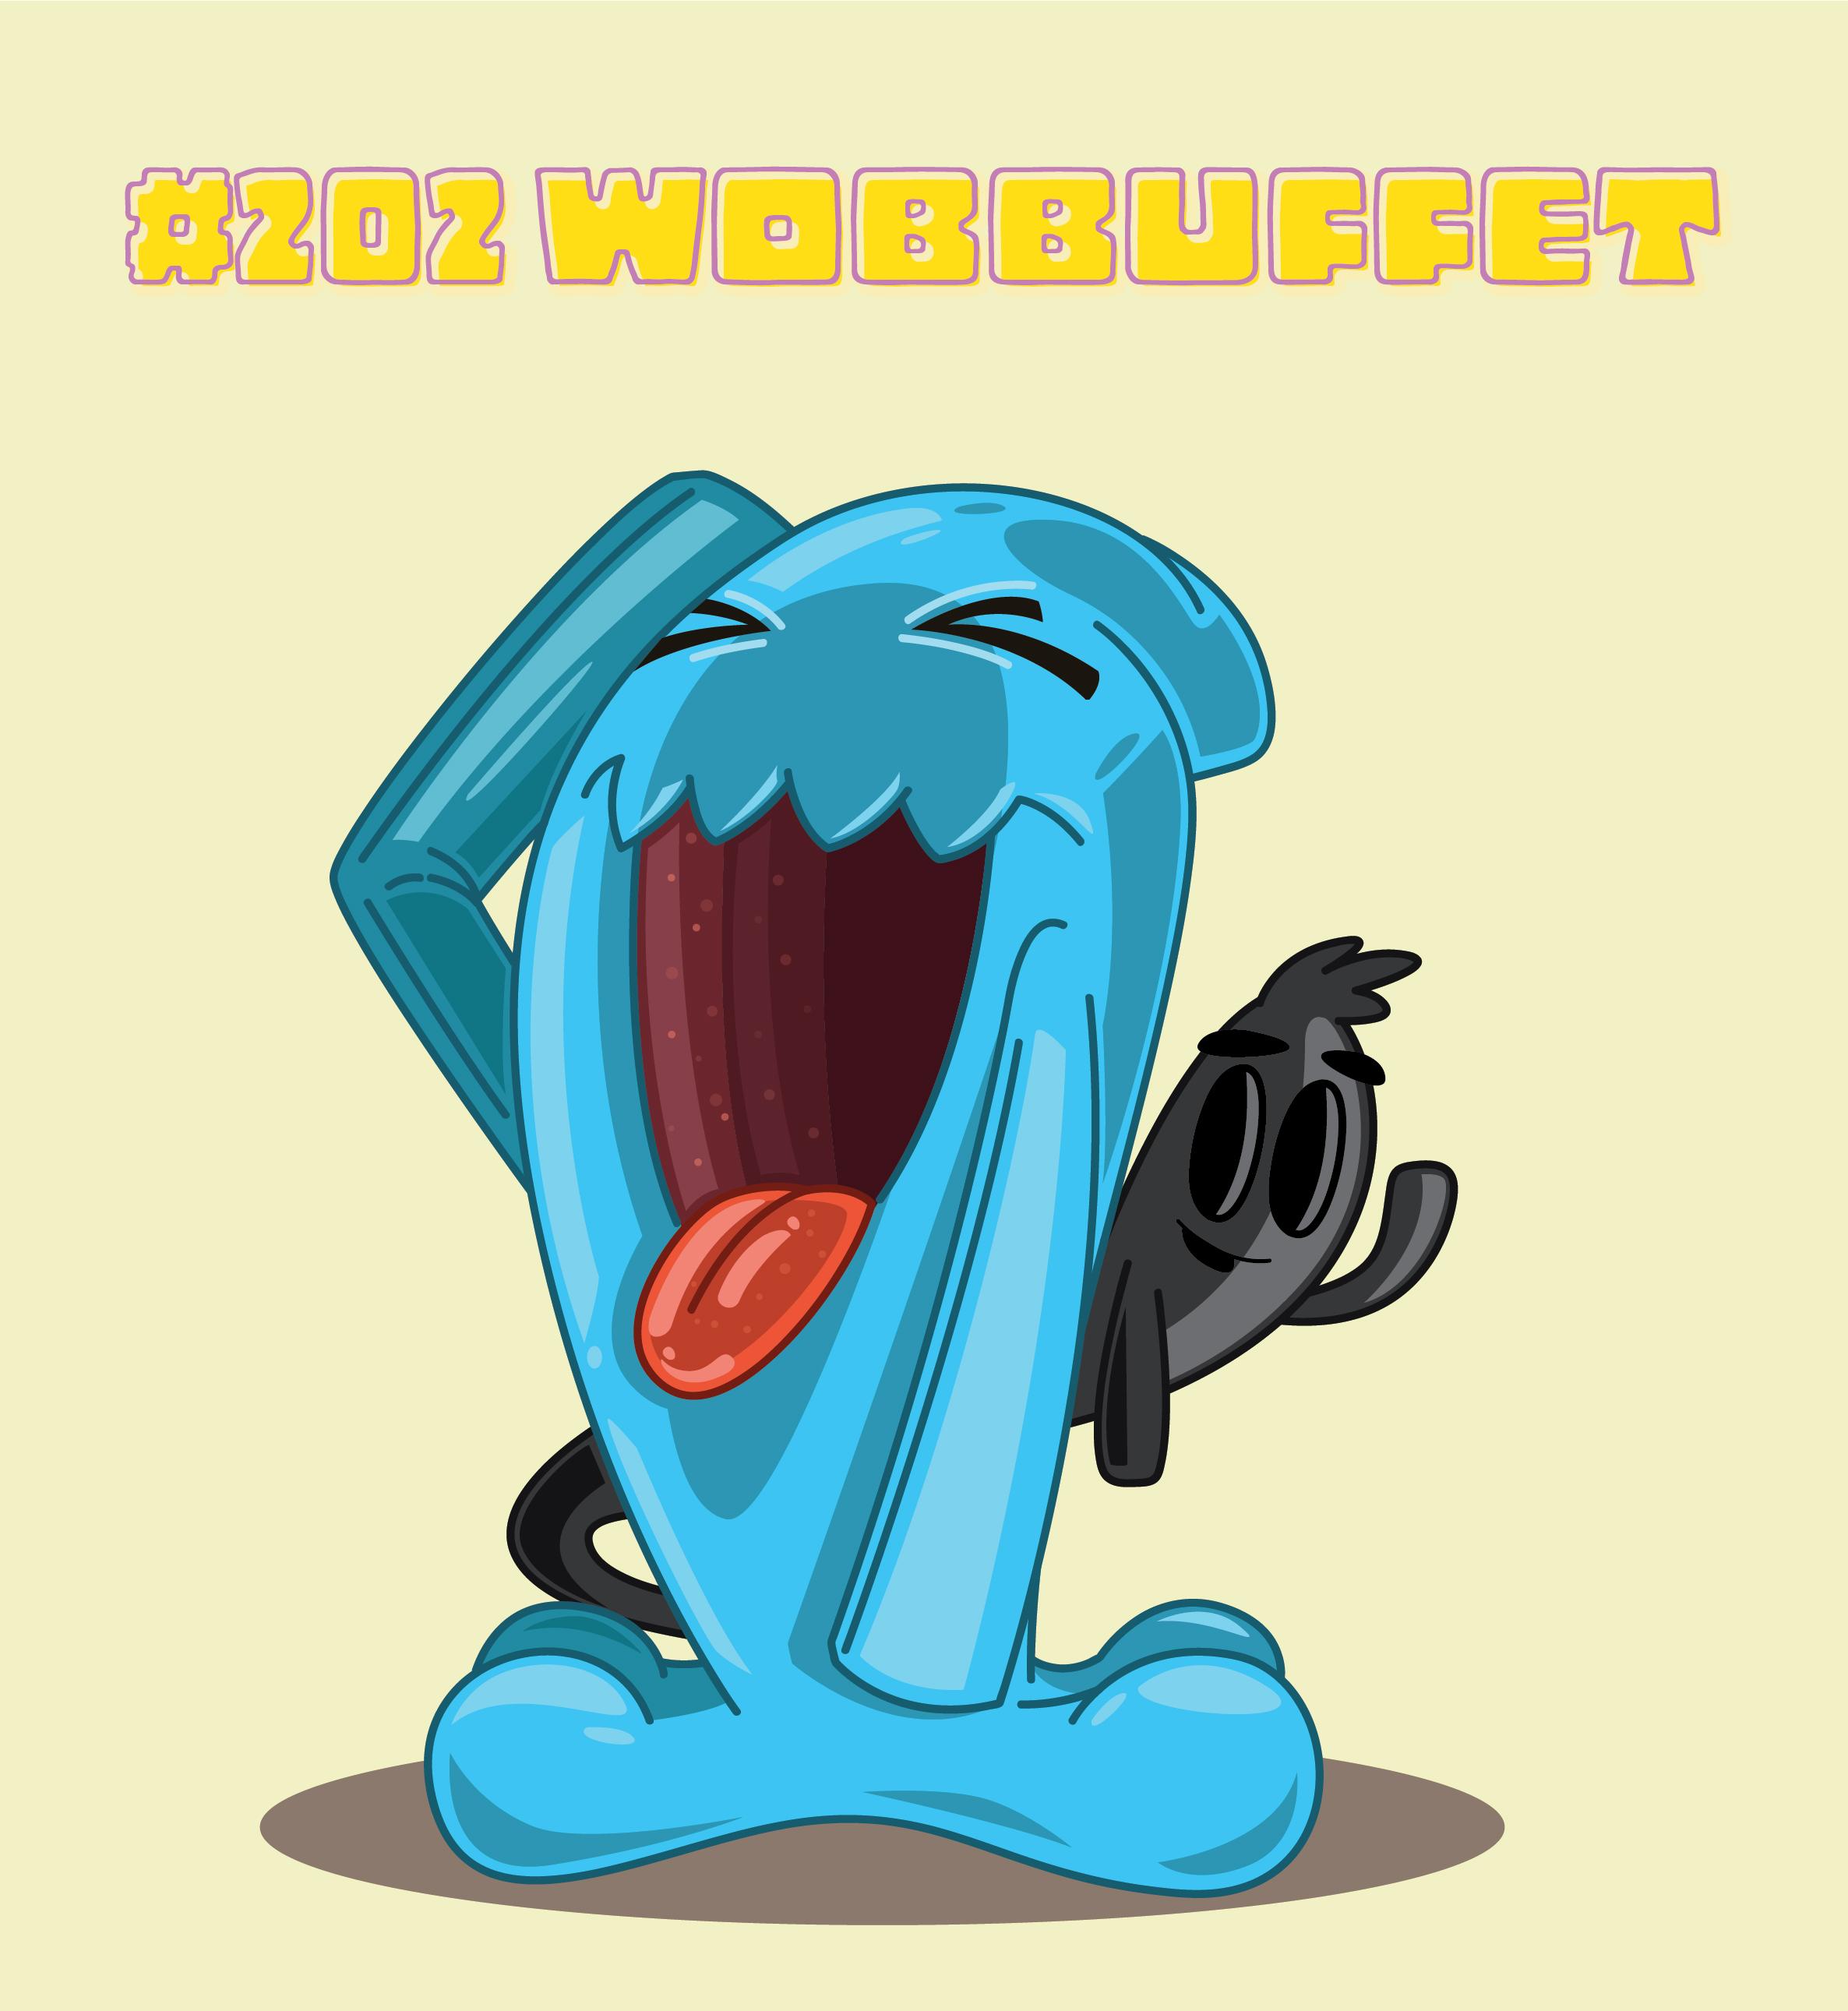 Wobbuffet-01.jpg